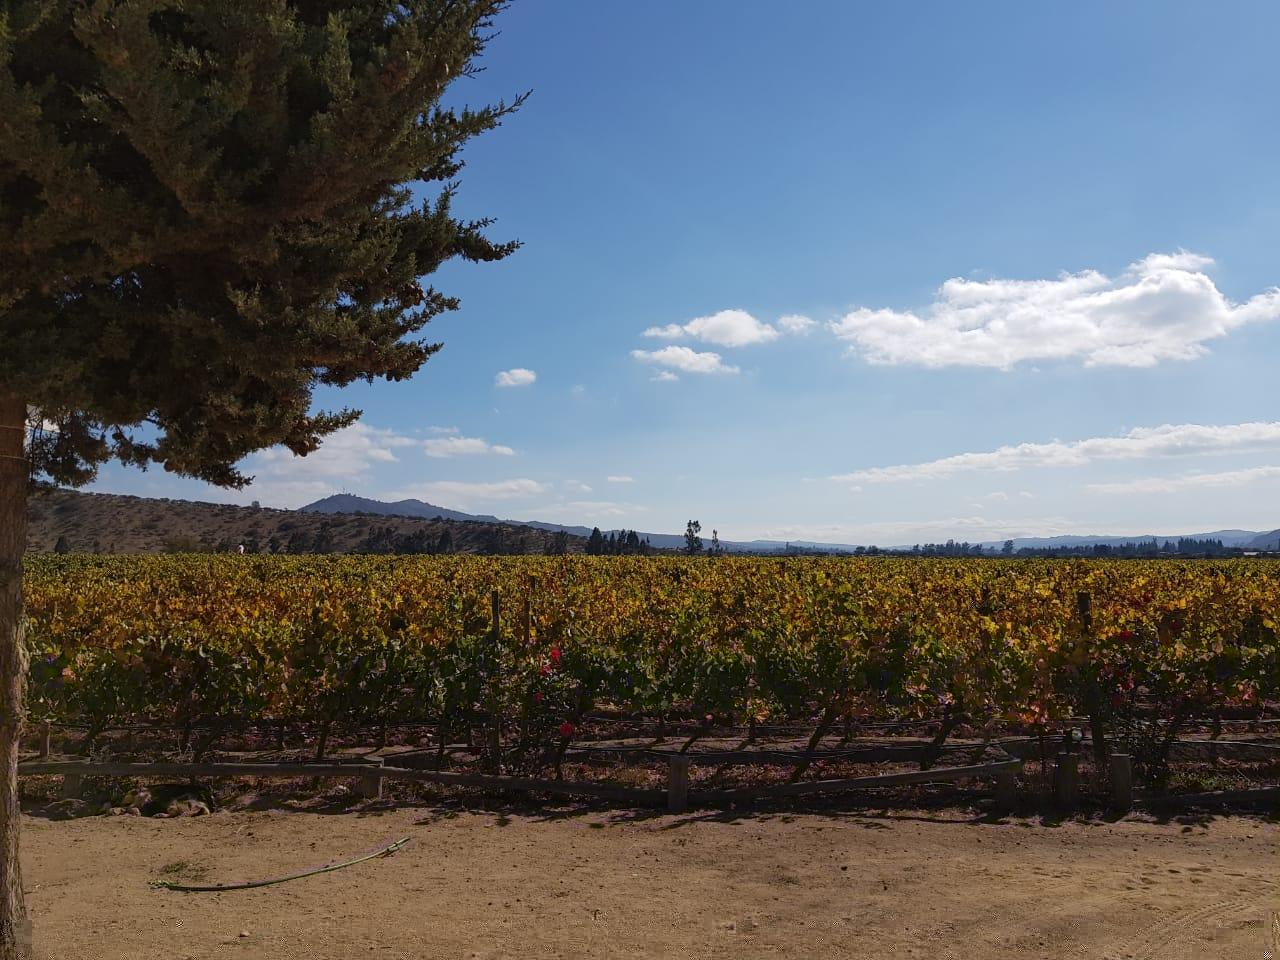 Passeios de verão em Santiago do Chile na vinícola veramonte